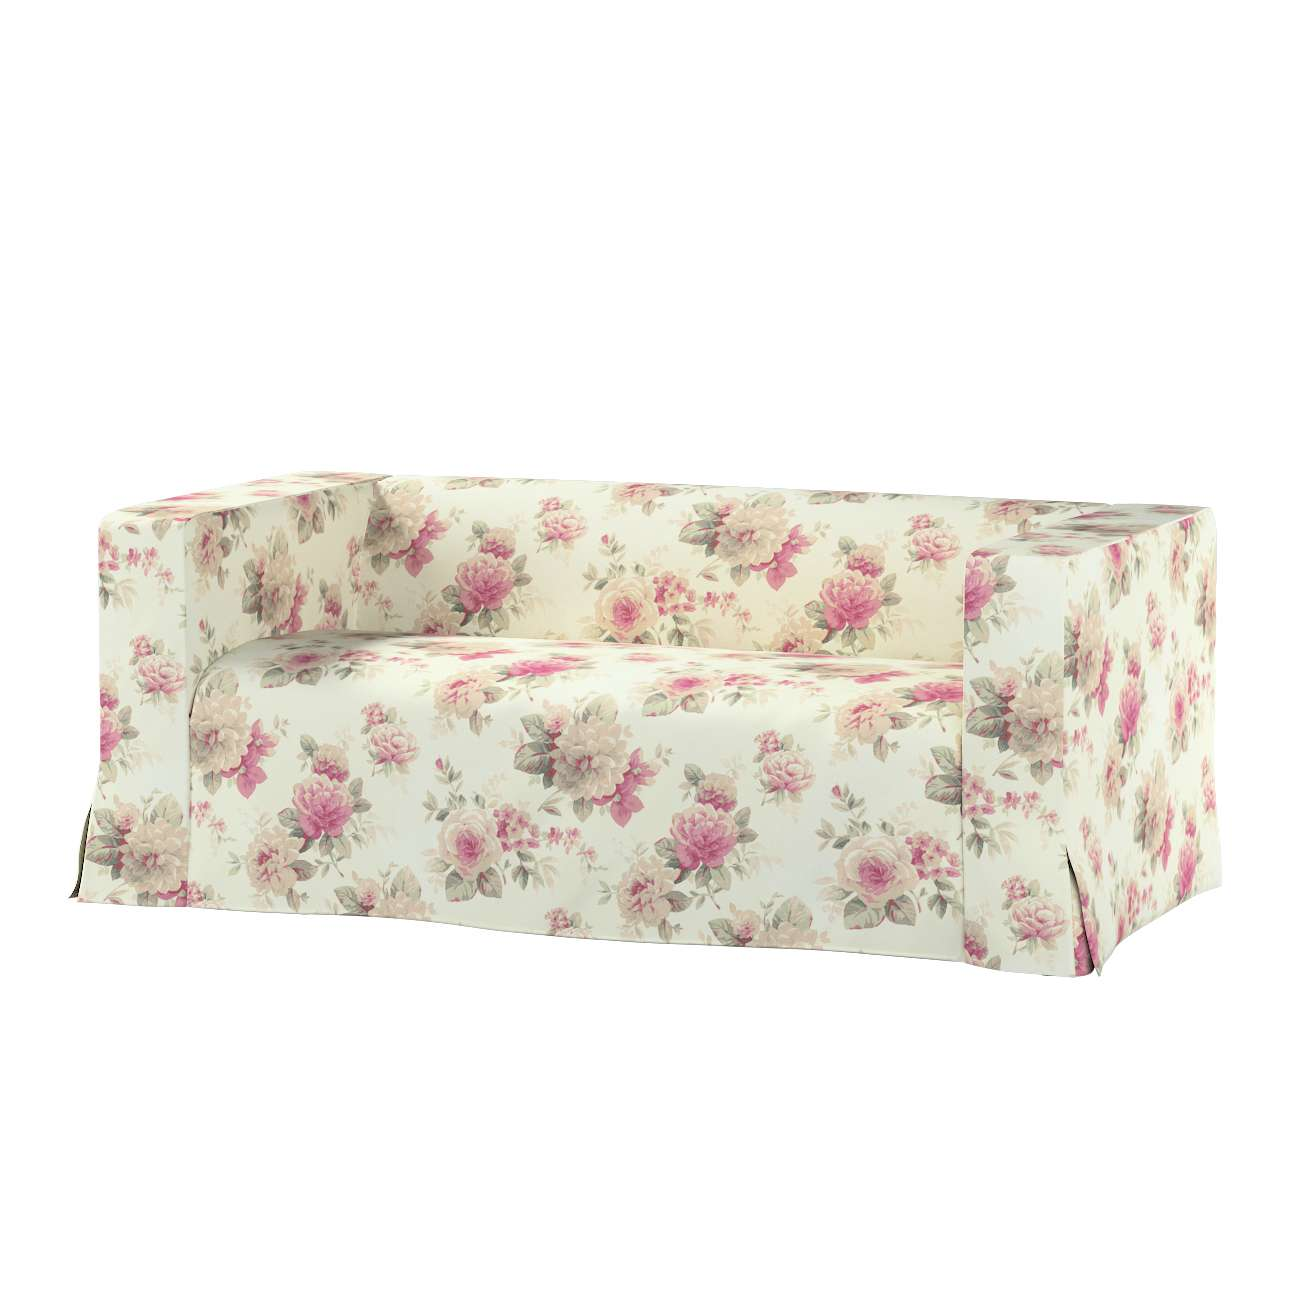 Pokrowiec na sofę Klippan 2-osobową długi z kontrafałdami Klippan 2-os w kolekcji Mirella, tkanina: 141-07